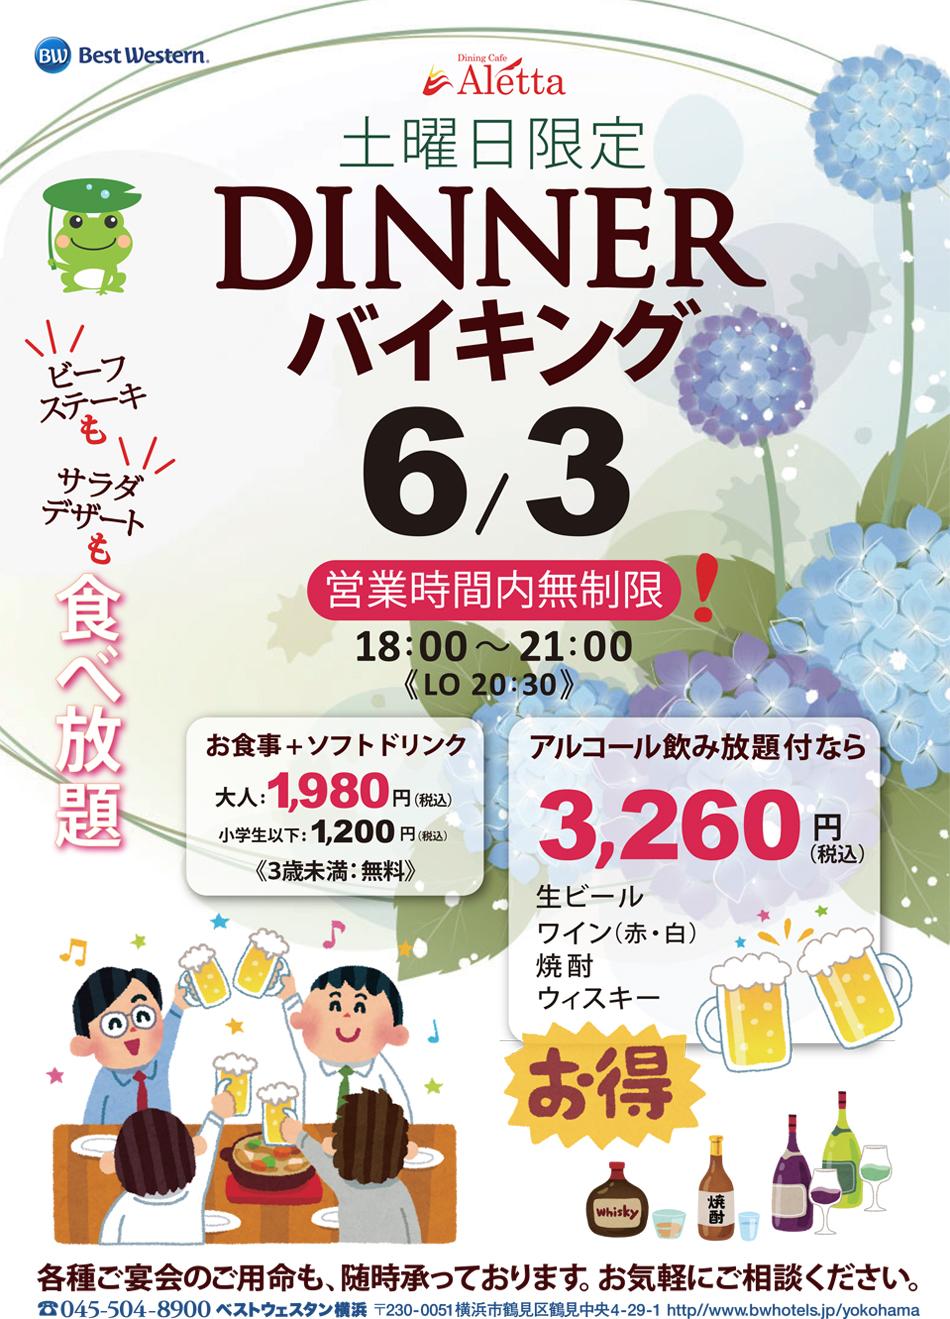 レストラン アレッタ◆土曜限定DINNERバイキング 6月3日(土)◆営業時間内無制限食べ放題